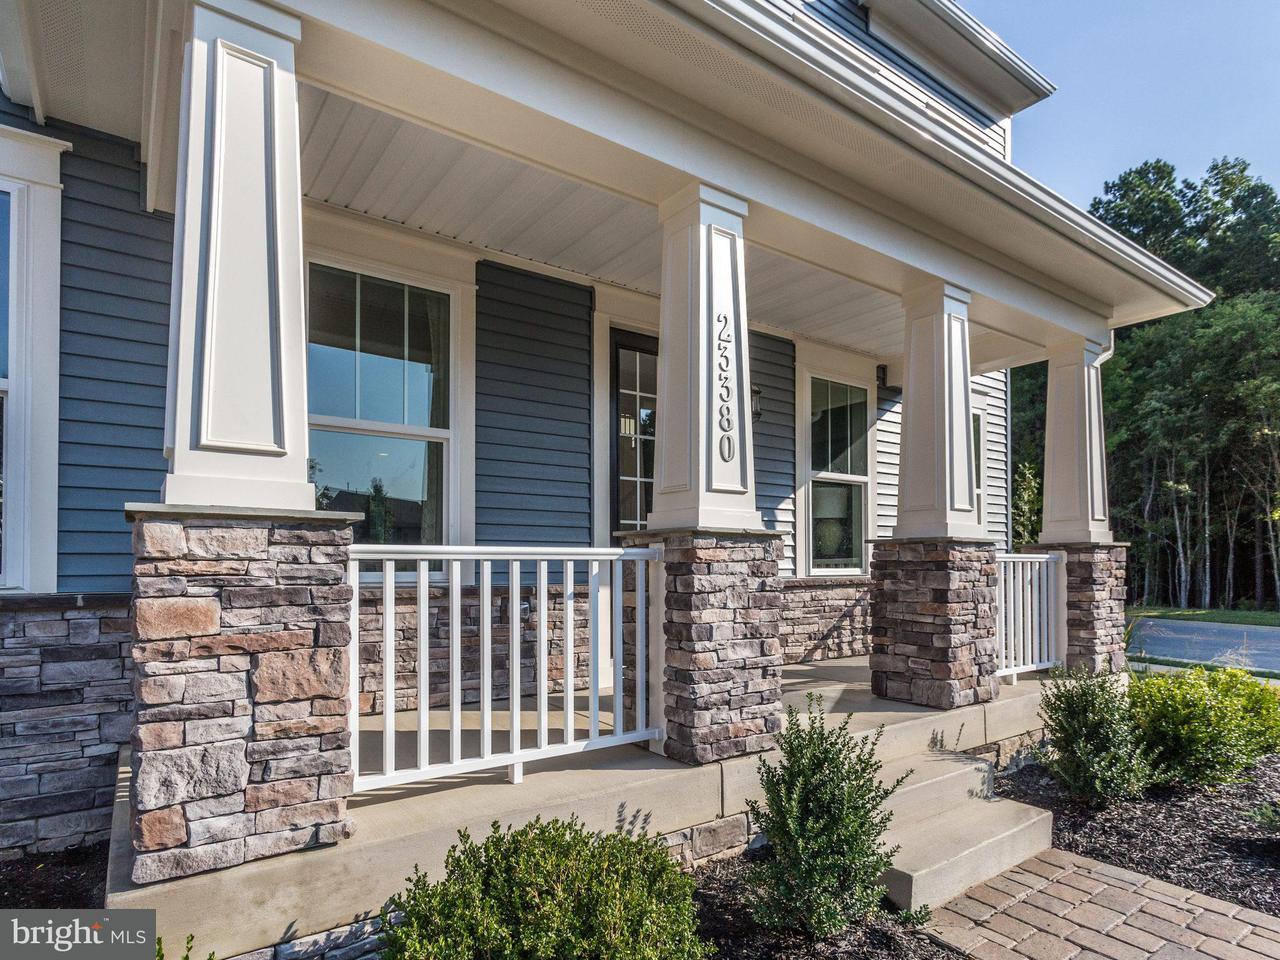 Частный односемейный дом для того Продажа на 23380 LILLIFLORA Drive 23380 LILLIFLORA Drive California, Мэриленд 20619 Соединенные Штаты